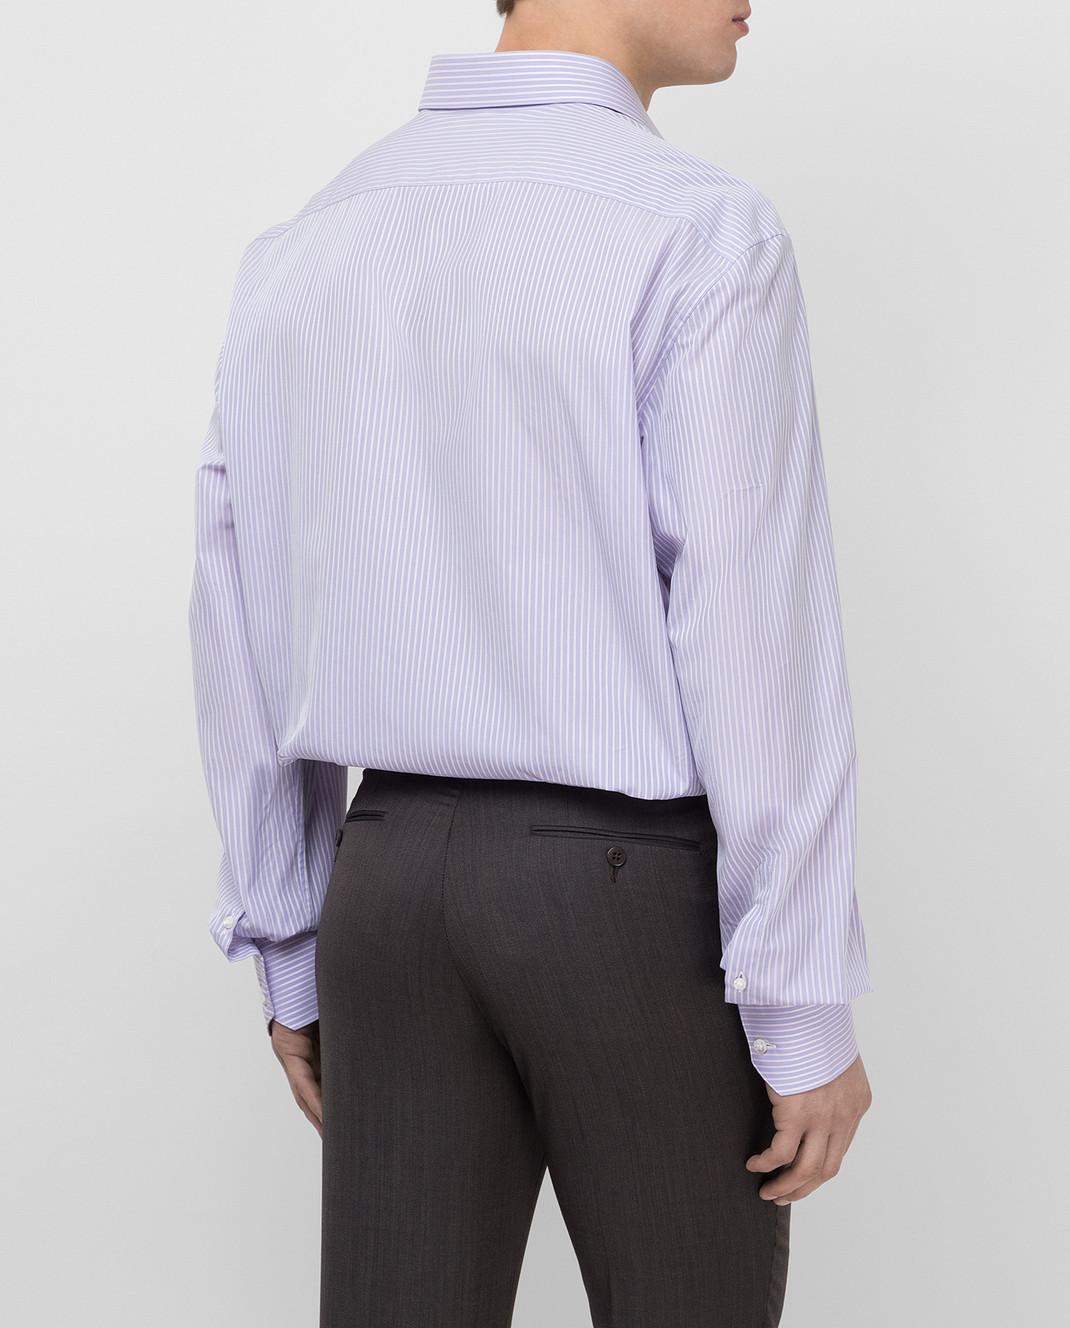 Stefano Ricci Сиреневая рубашка MC000872 изображение 4